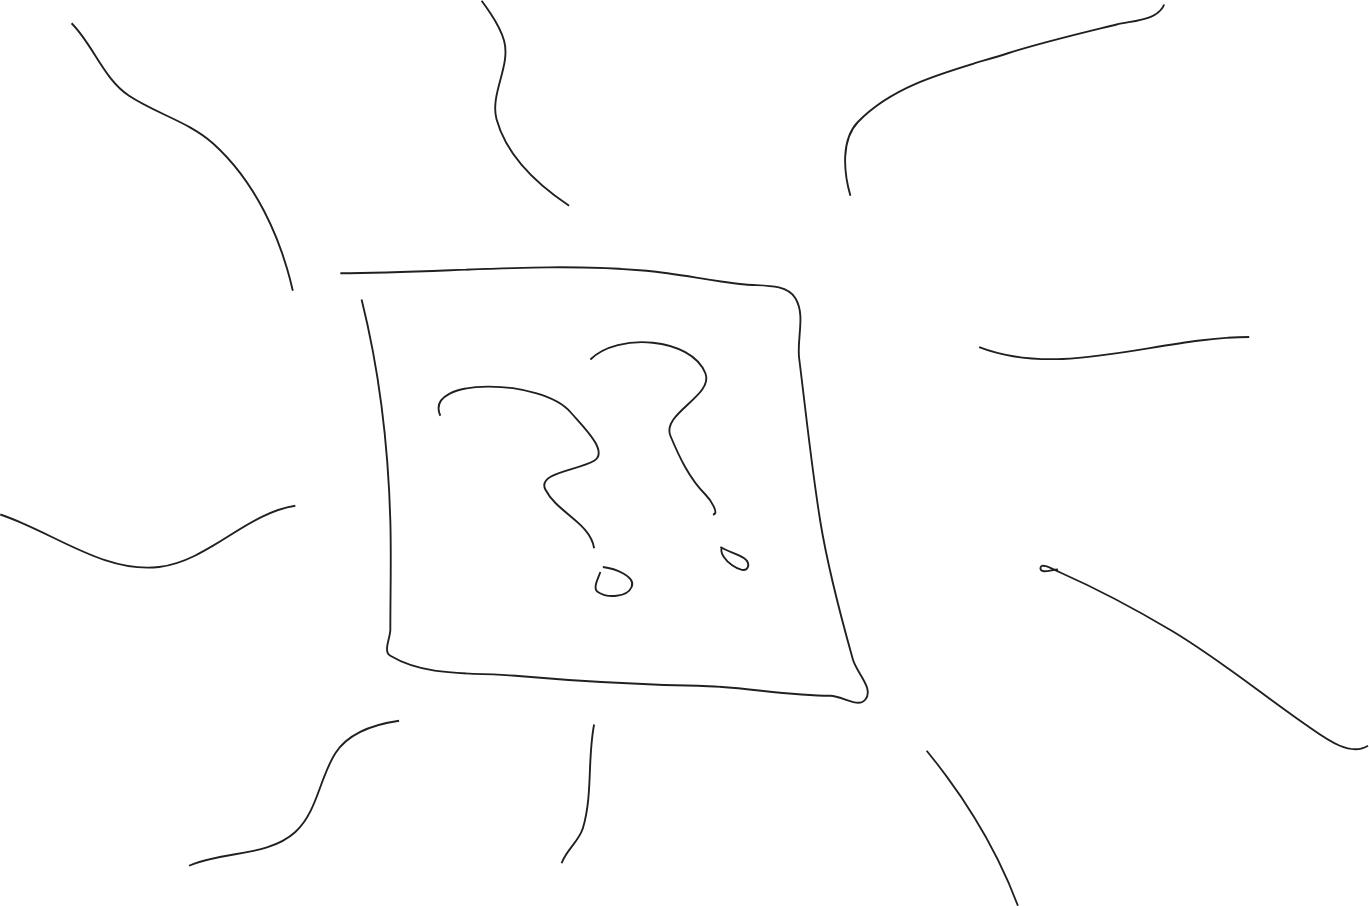 Mystery box (sketch).